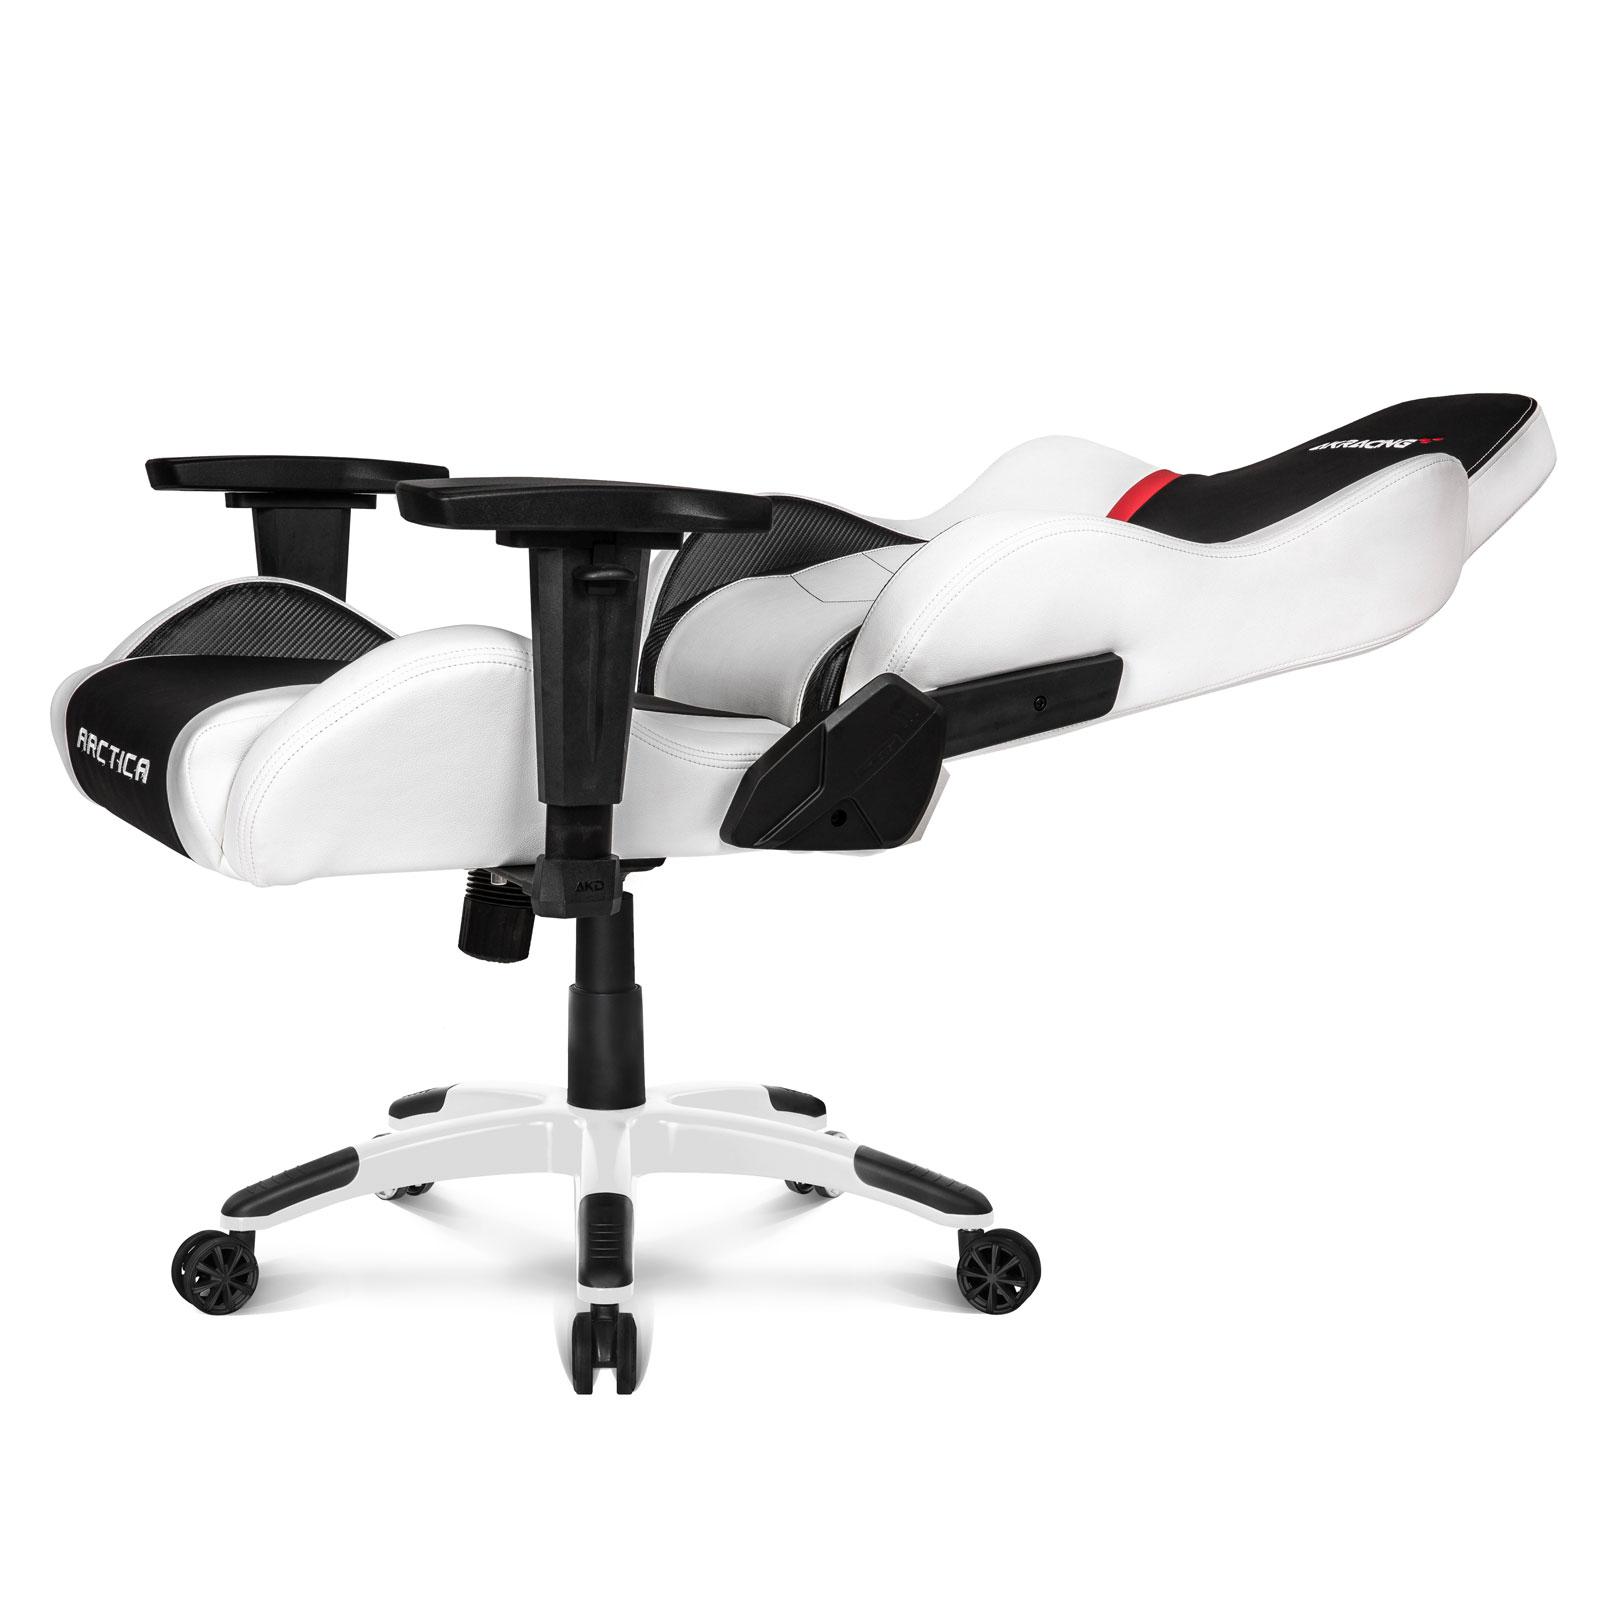 Siège Gamer Akaracing Arctica, fauteuil, siège, siège gamer, informatique 974, informatique ile de la réunion